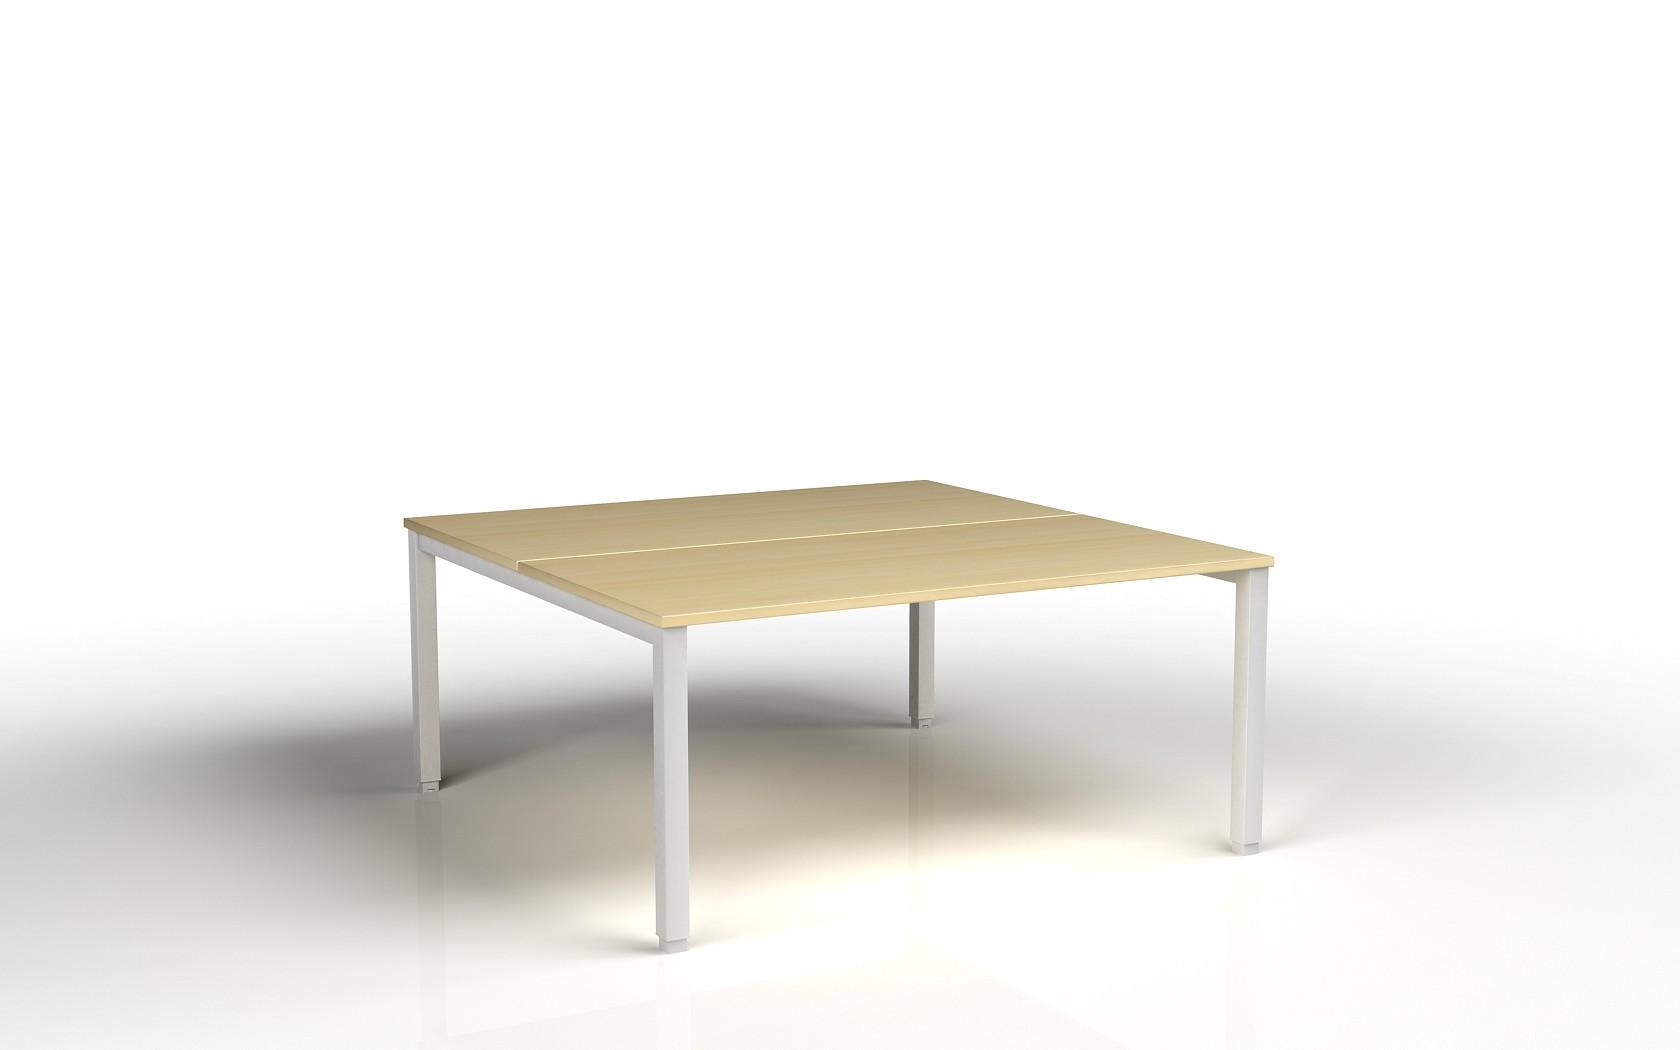 bureau bench 2 personnes tempo achat bureaux bench 339 00. Black Bedroom Furniture Sets. Home Design Ideas